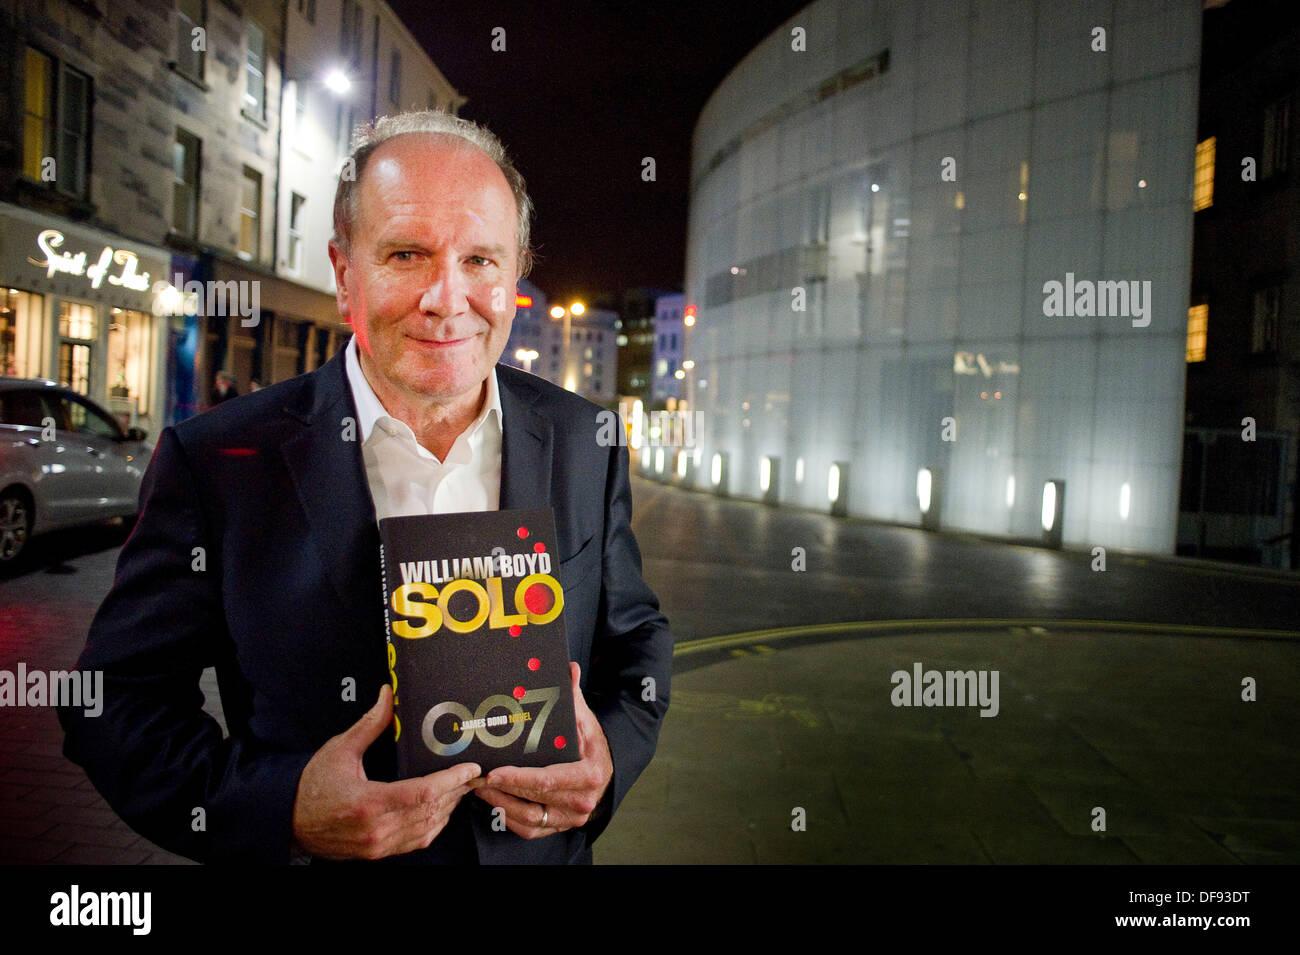 Edinburgh, Royaume-Uni. Septembre 30, 2013. William Boyd auteur avec son nouveau roman James Bond Solo au Royal Lyceum Theatre d'Édimbourg pour discuter du livre. Toutes les images doivent être crédités sur Steven Scott Taylor/ Alamy Live News Photo Stock